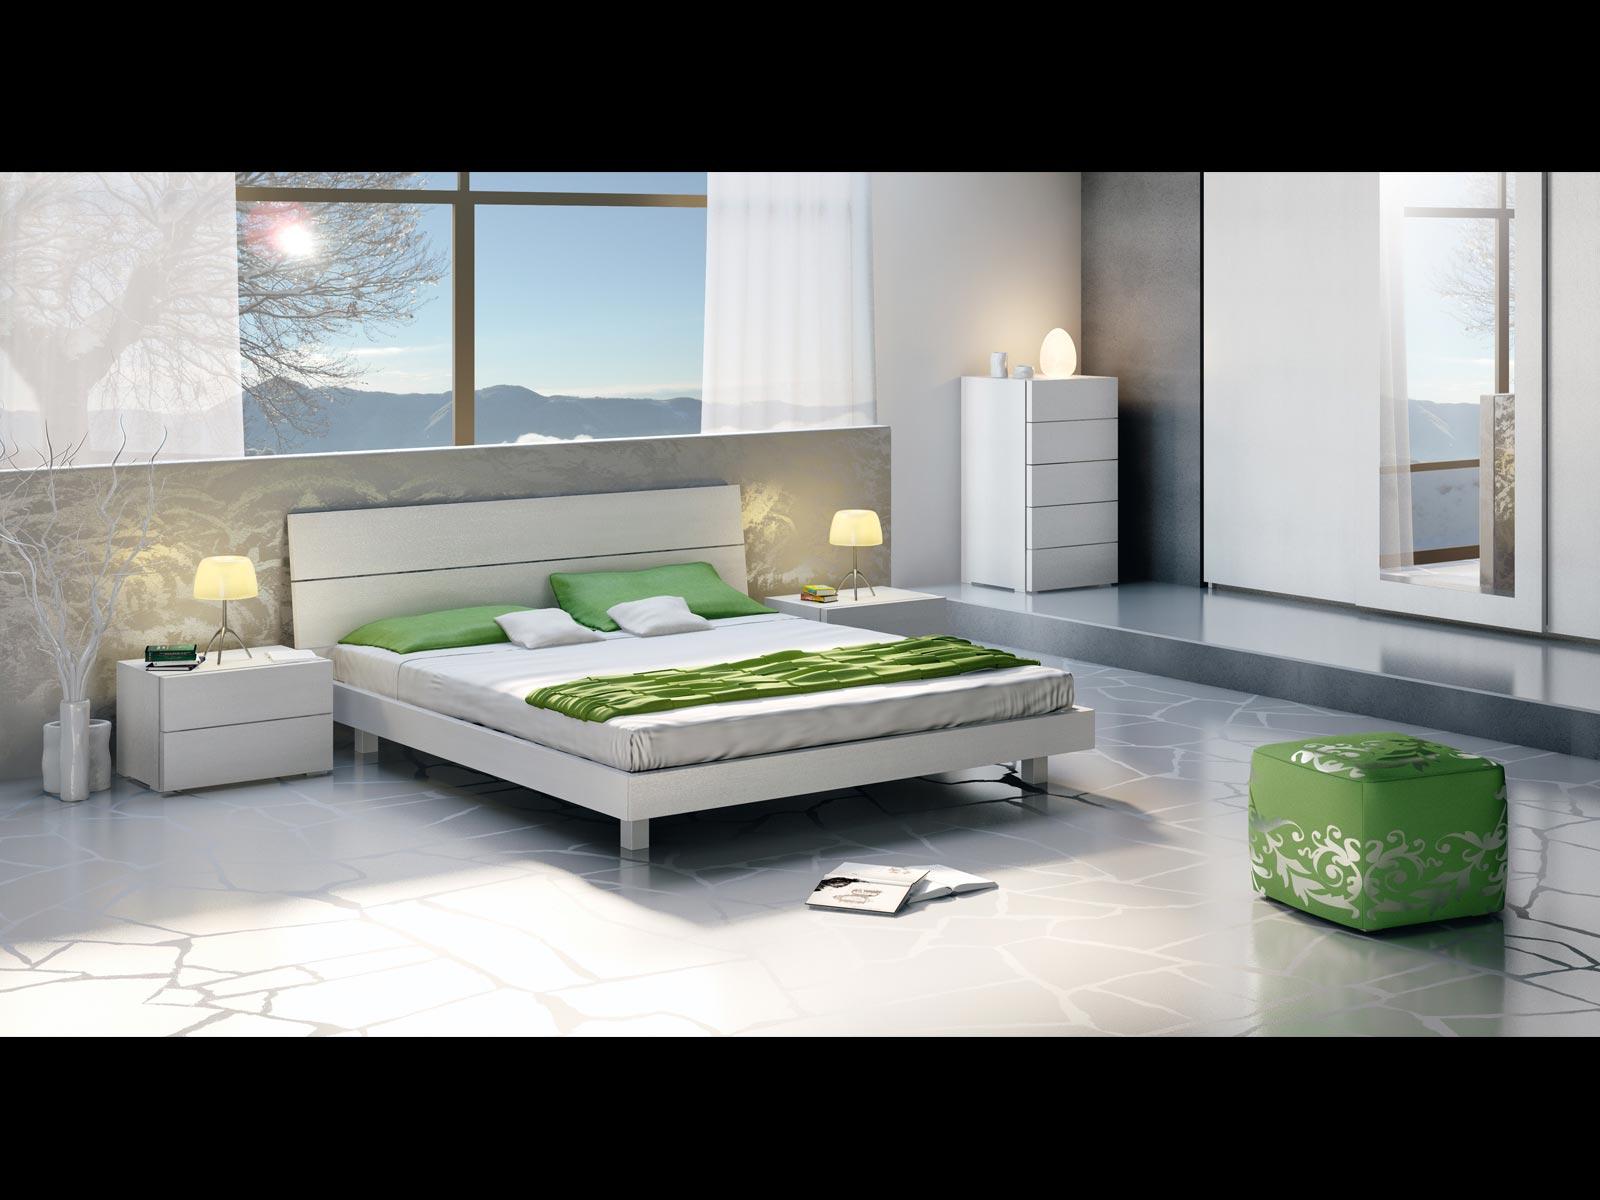 Letto giapponese ikea great top simple cotone divani letto singoli ikea verde shaker schiena - Camere da letto con letto rotondo ...